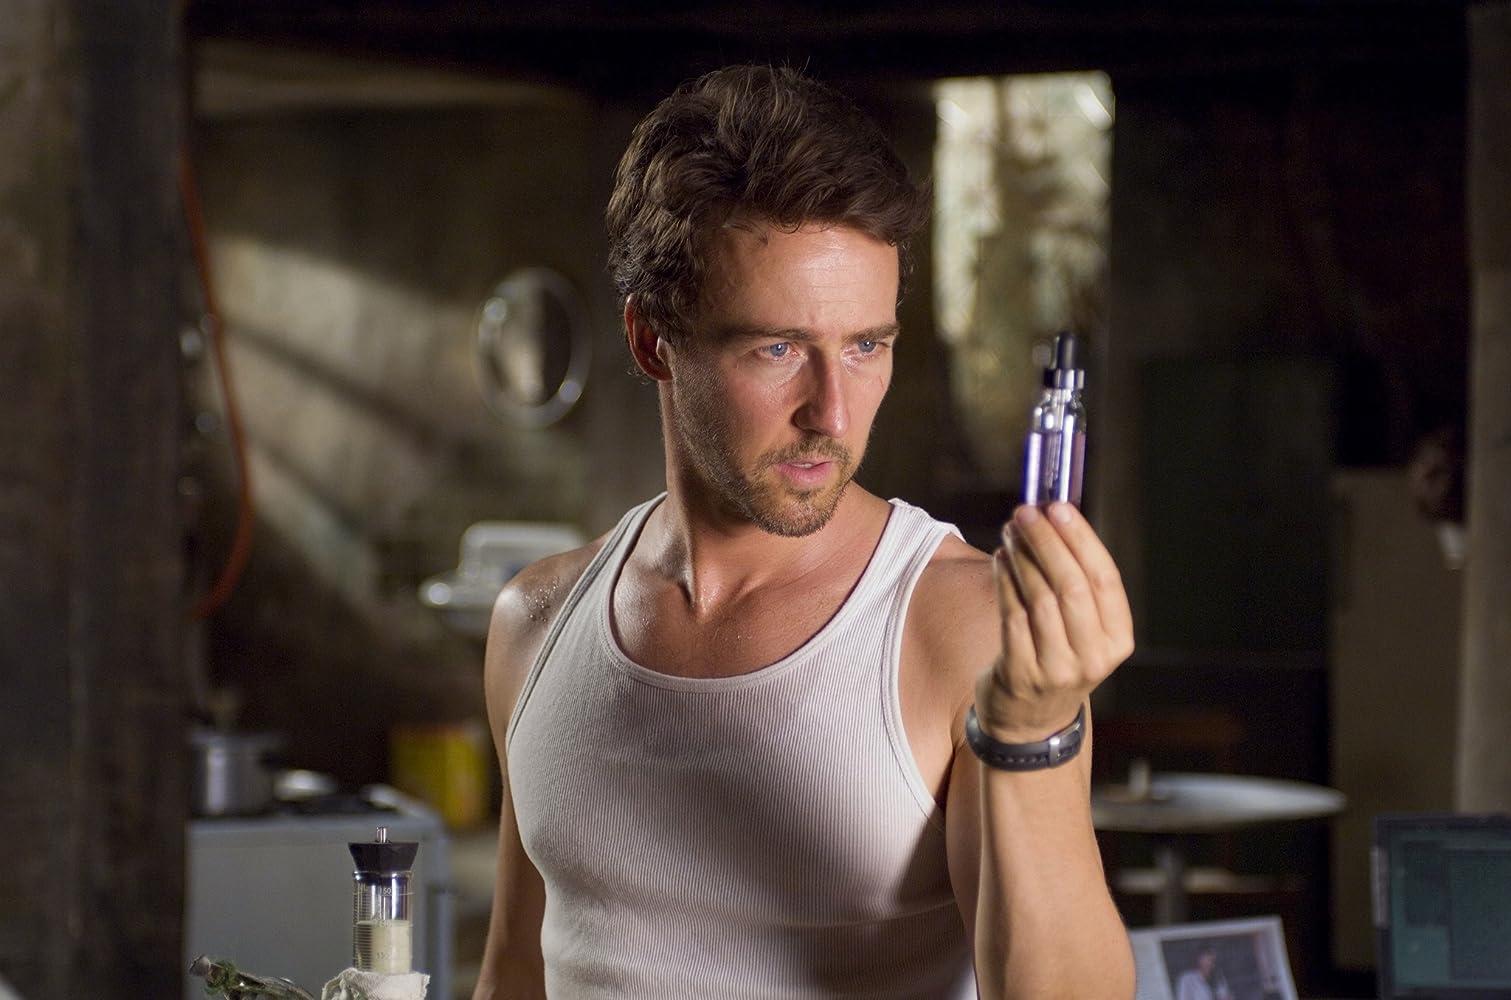 Edward Norton in The Incredible Hulk (2008)